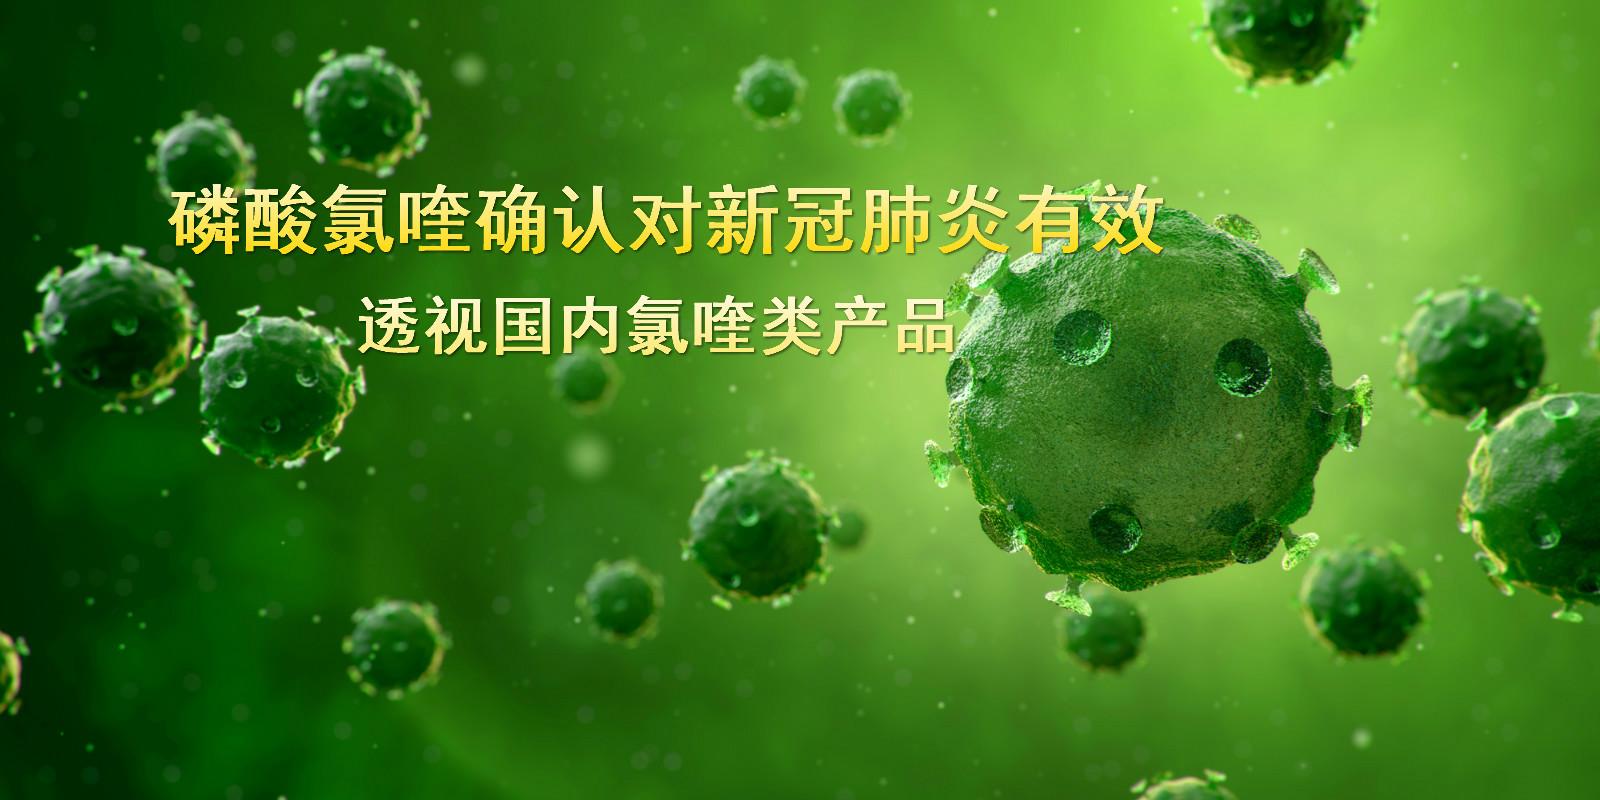 磷酸氯喹确认对新冠肺炎有效 透视国内氯喹类产品